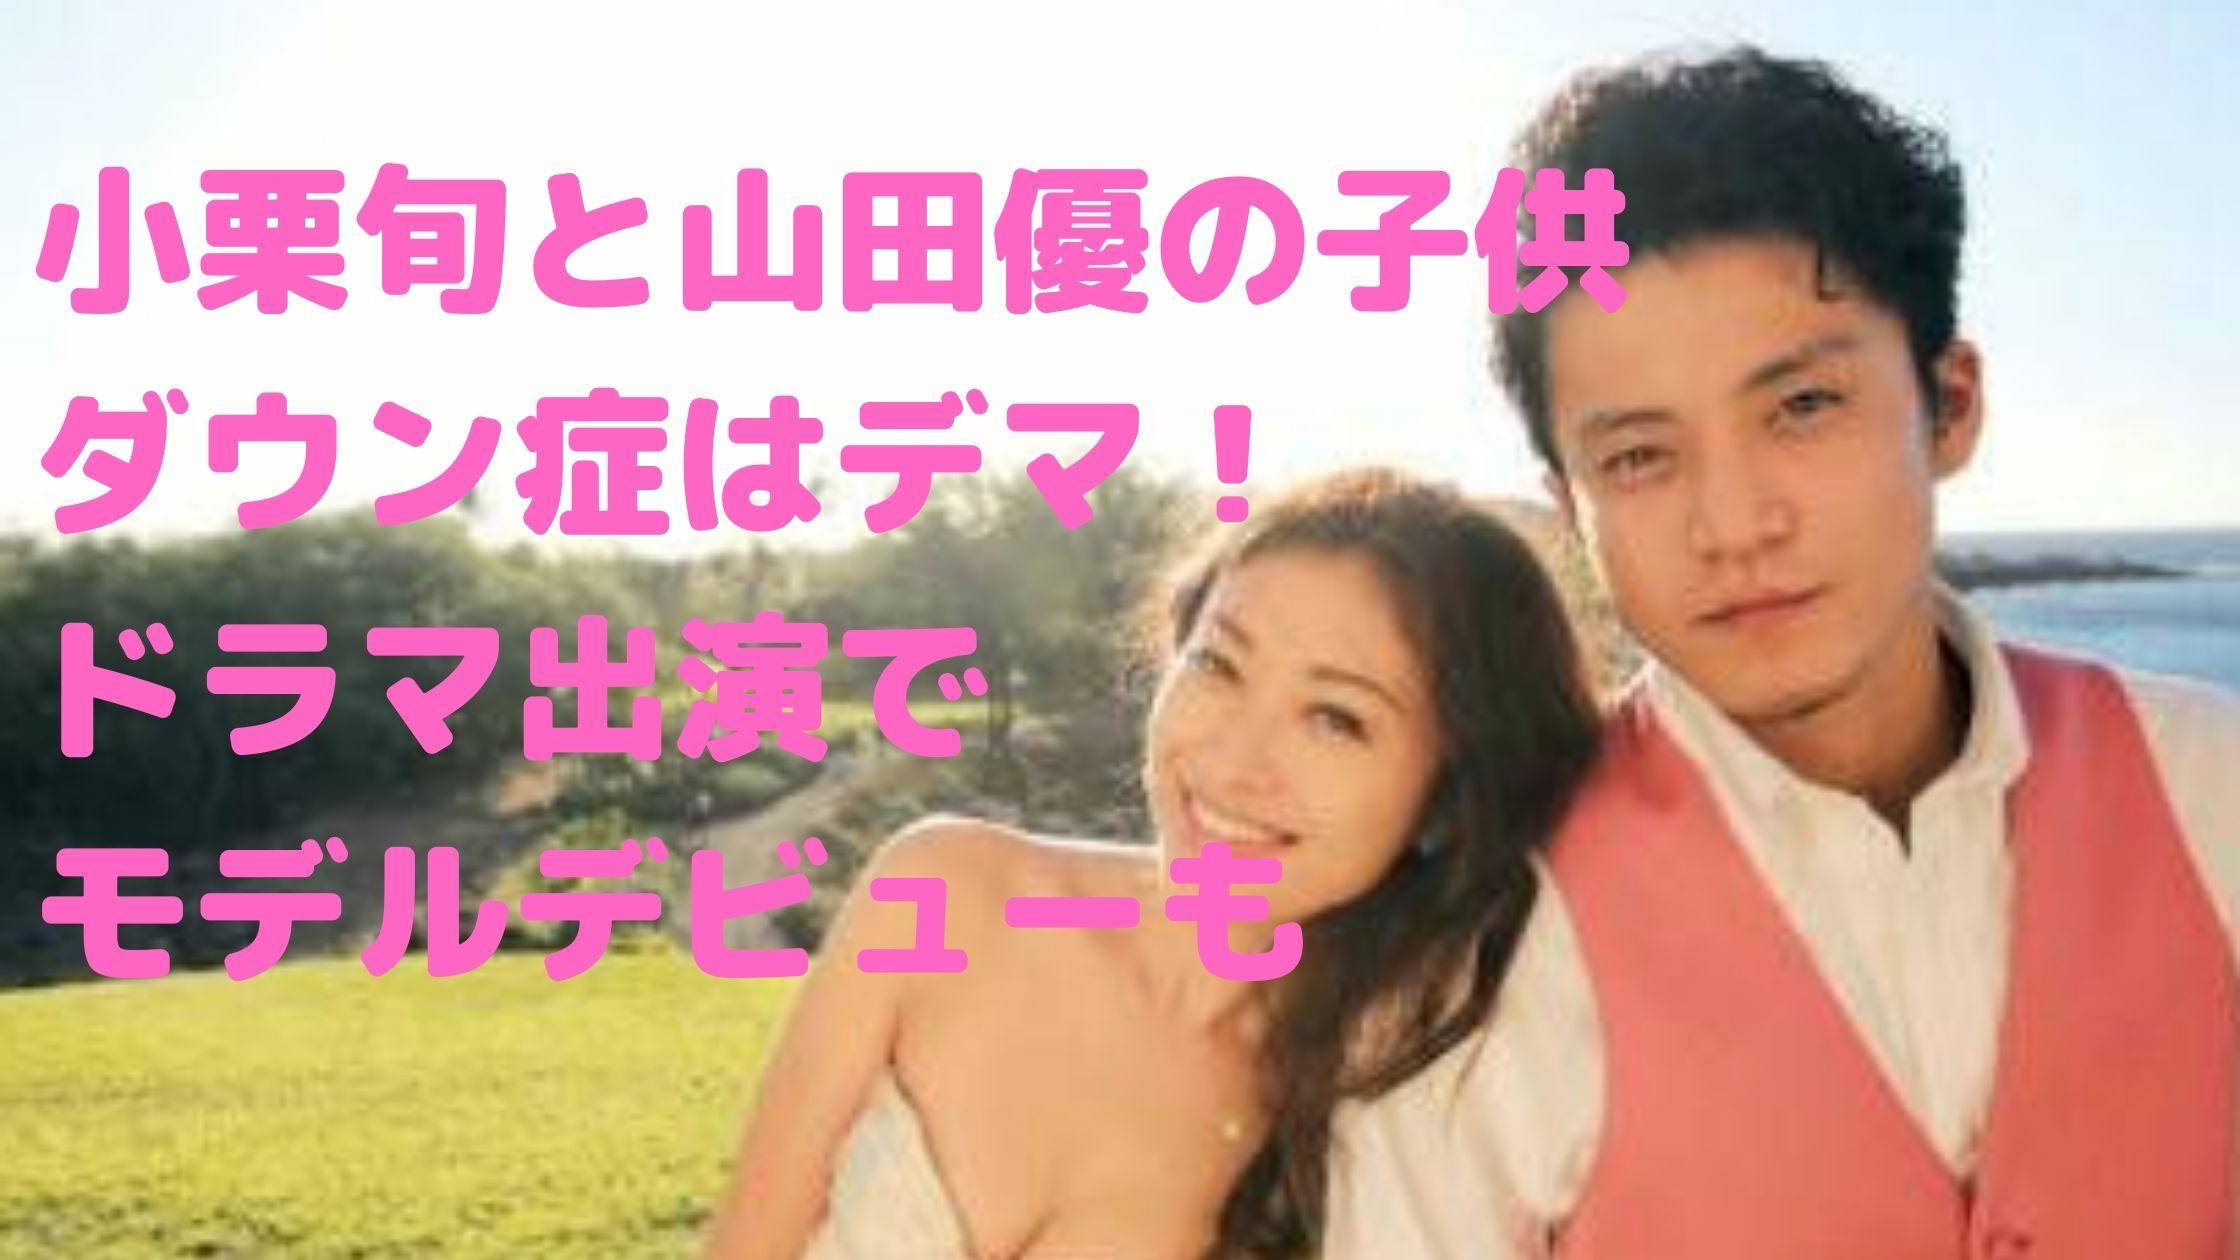 小栗旬 山田優 子供 ダウン症 ドラマ コウノドリ モデル 年齢 性別 名前